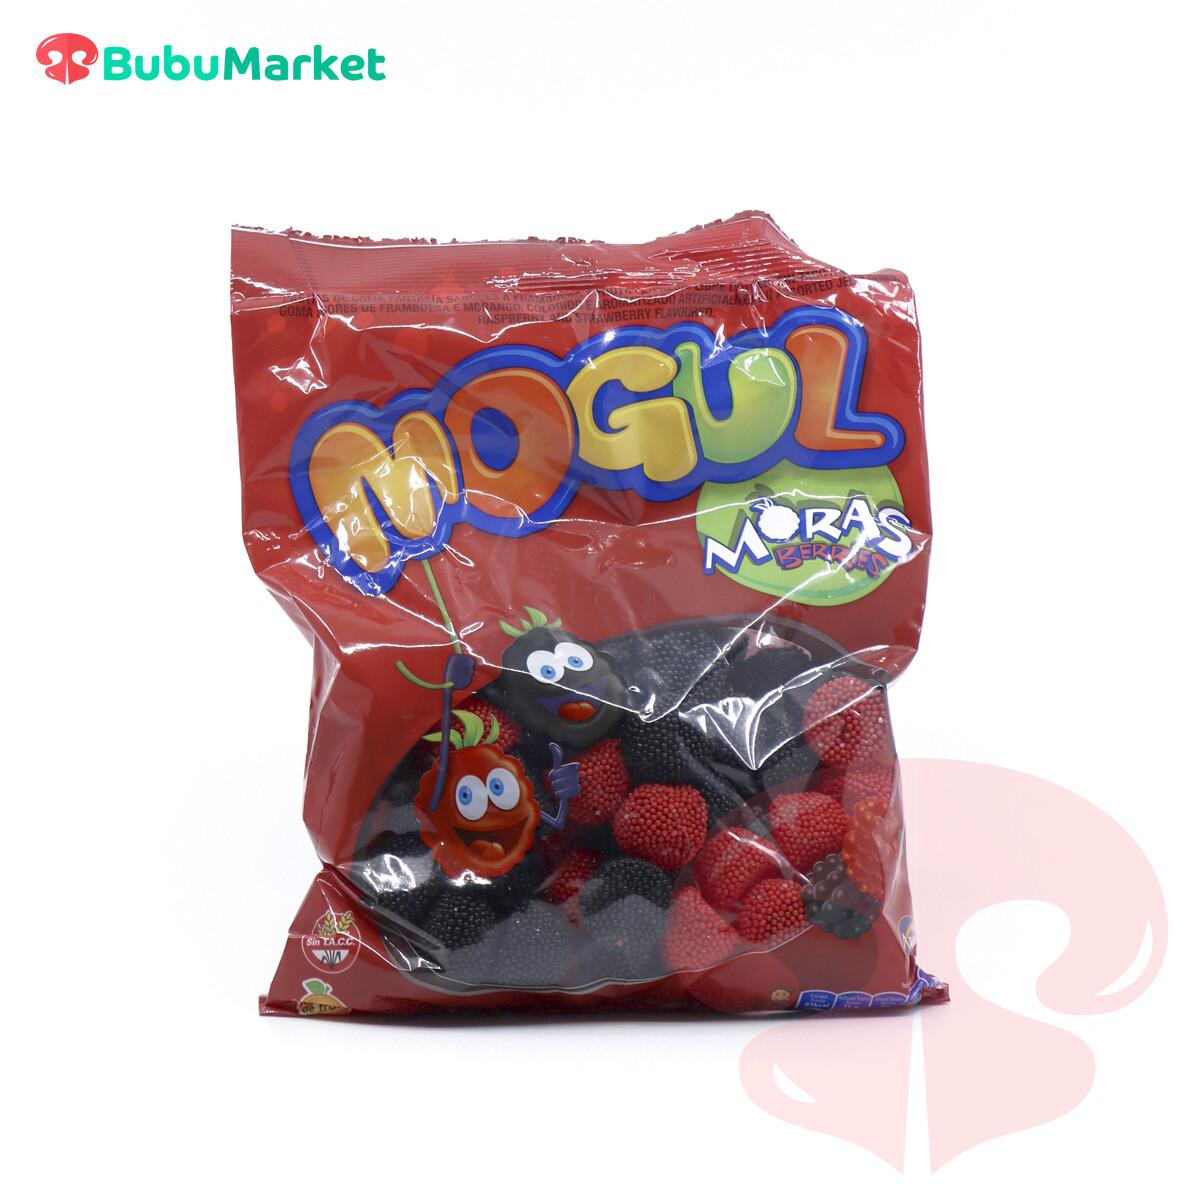 GOMITAS MOGUL MORAS ARCOR BOLSA DE 500 GR.